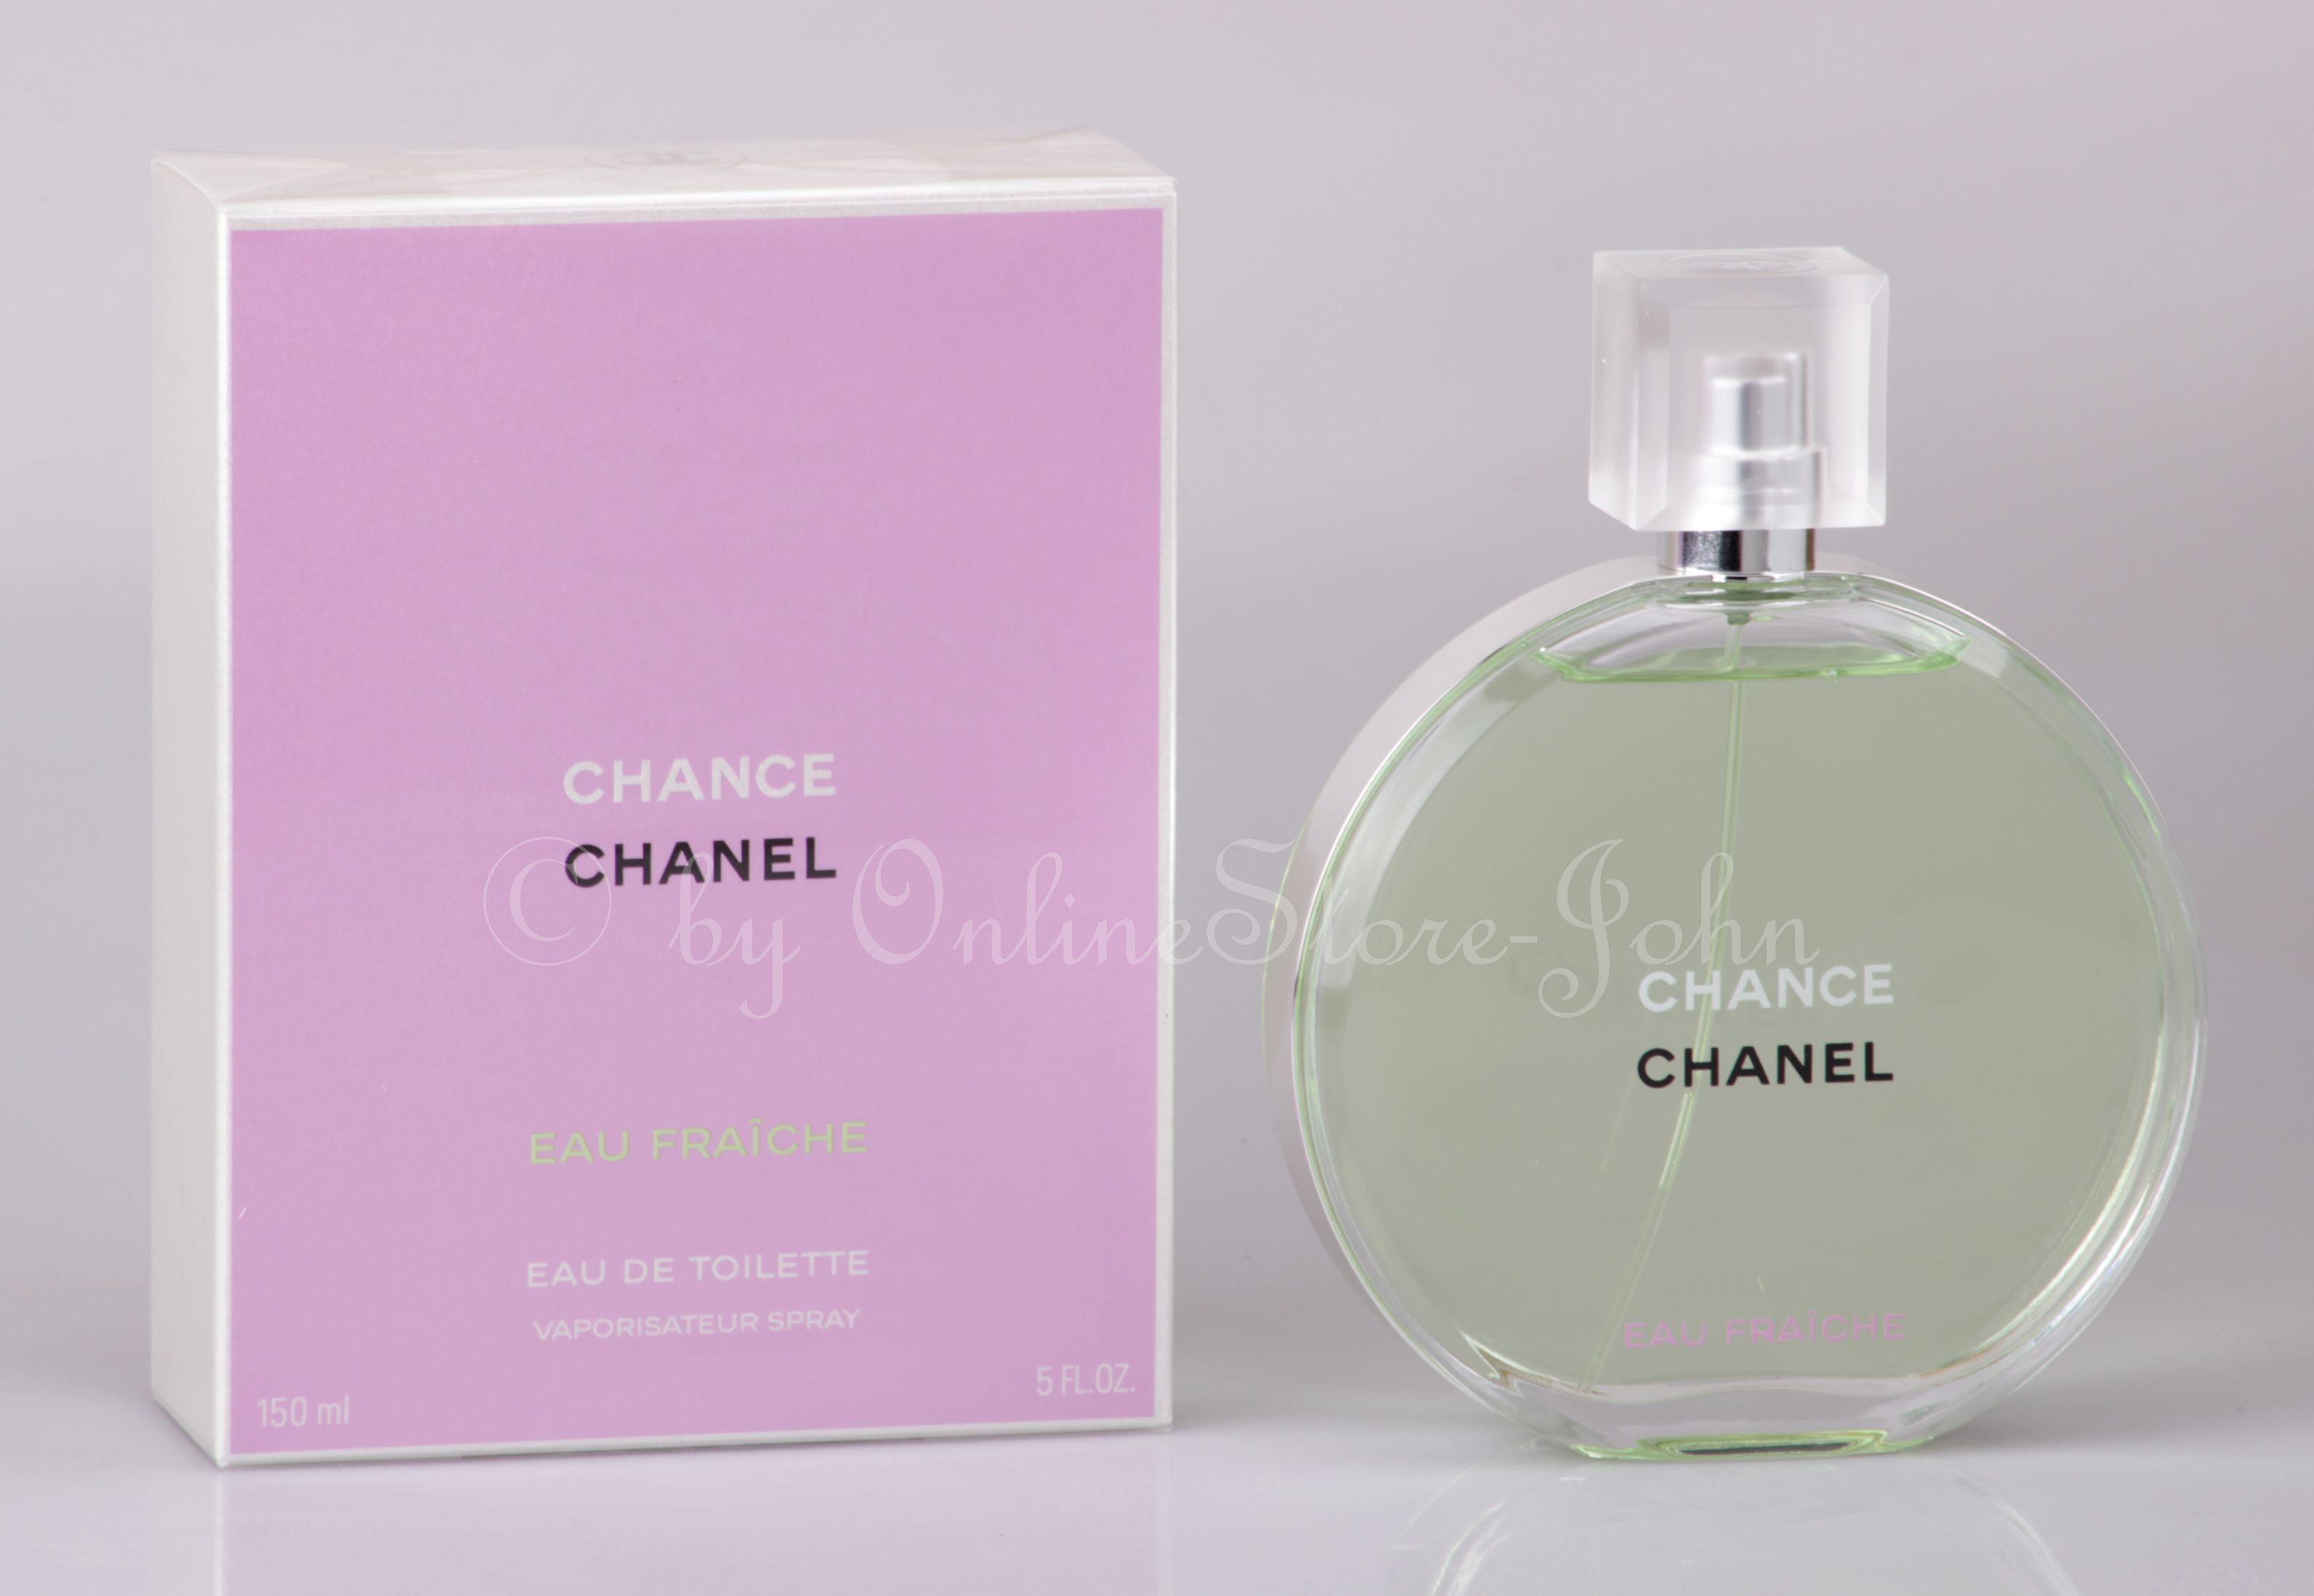 Chanel - Chance Eau Fraiche - 150ml EDT Eau de Toilette 90ab35cf3